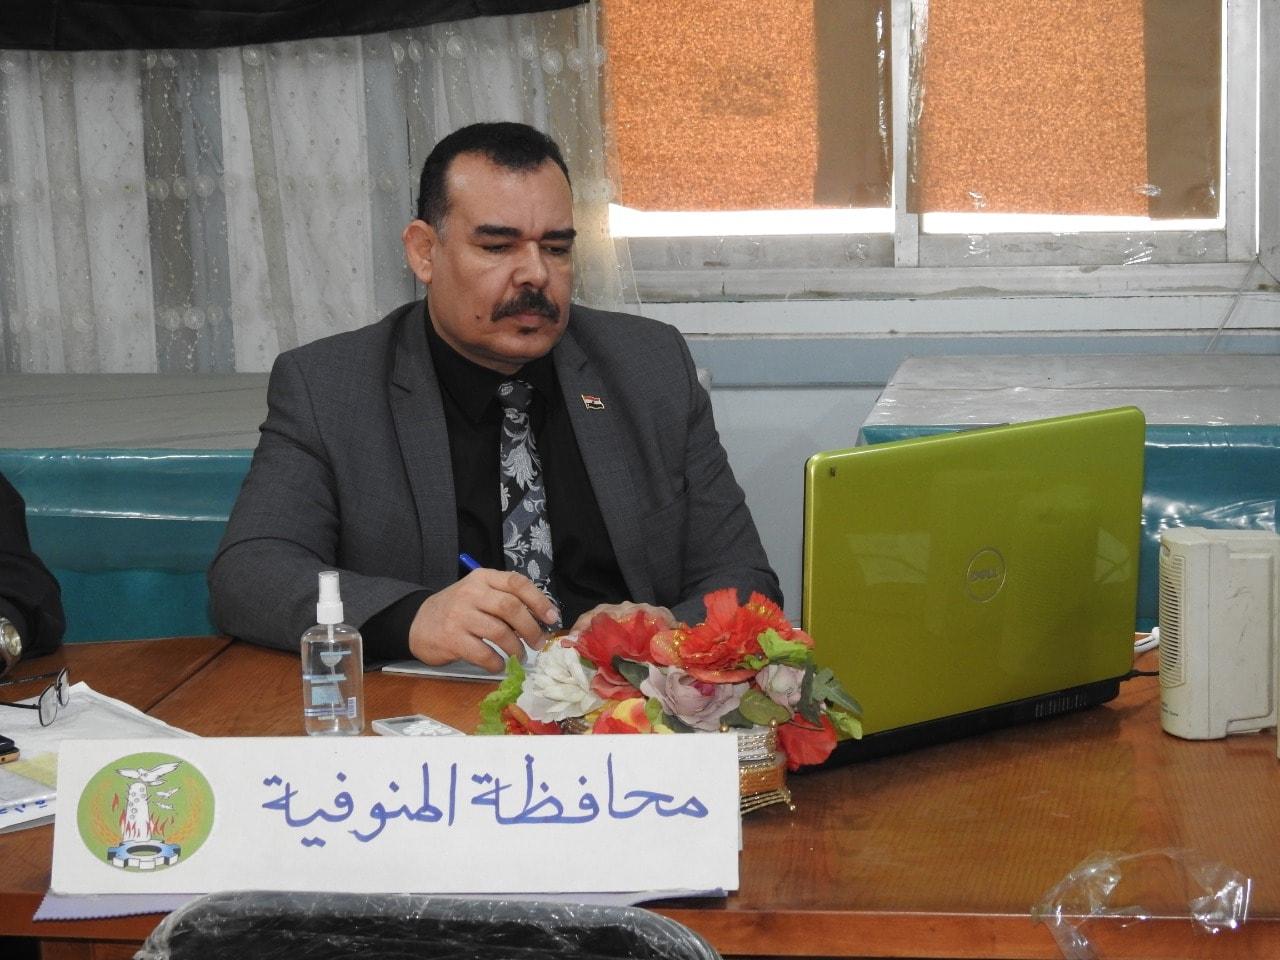 الدكتور أحمد سويد مجموعات التقوية المدرسية